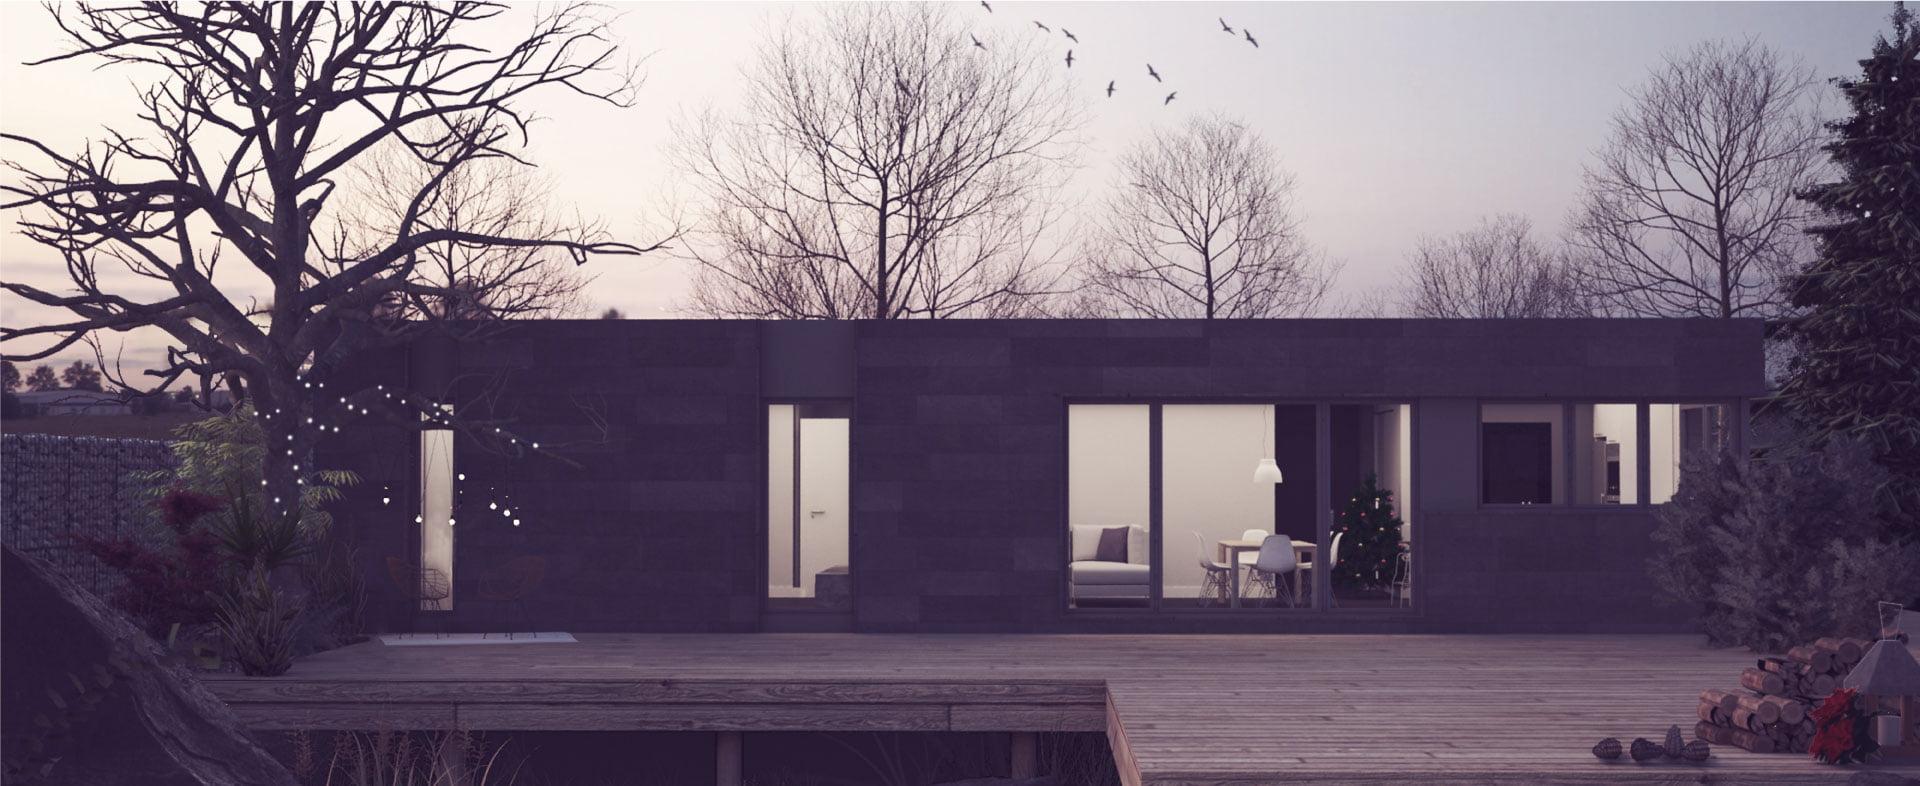 Casas prefabricadas de diseño - Atlántida Homes